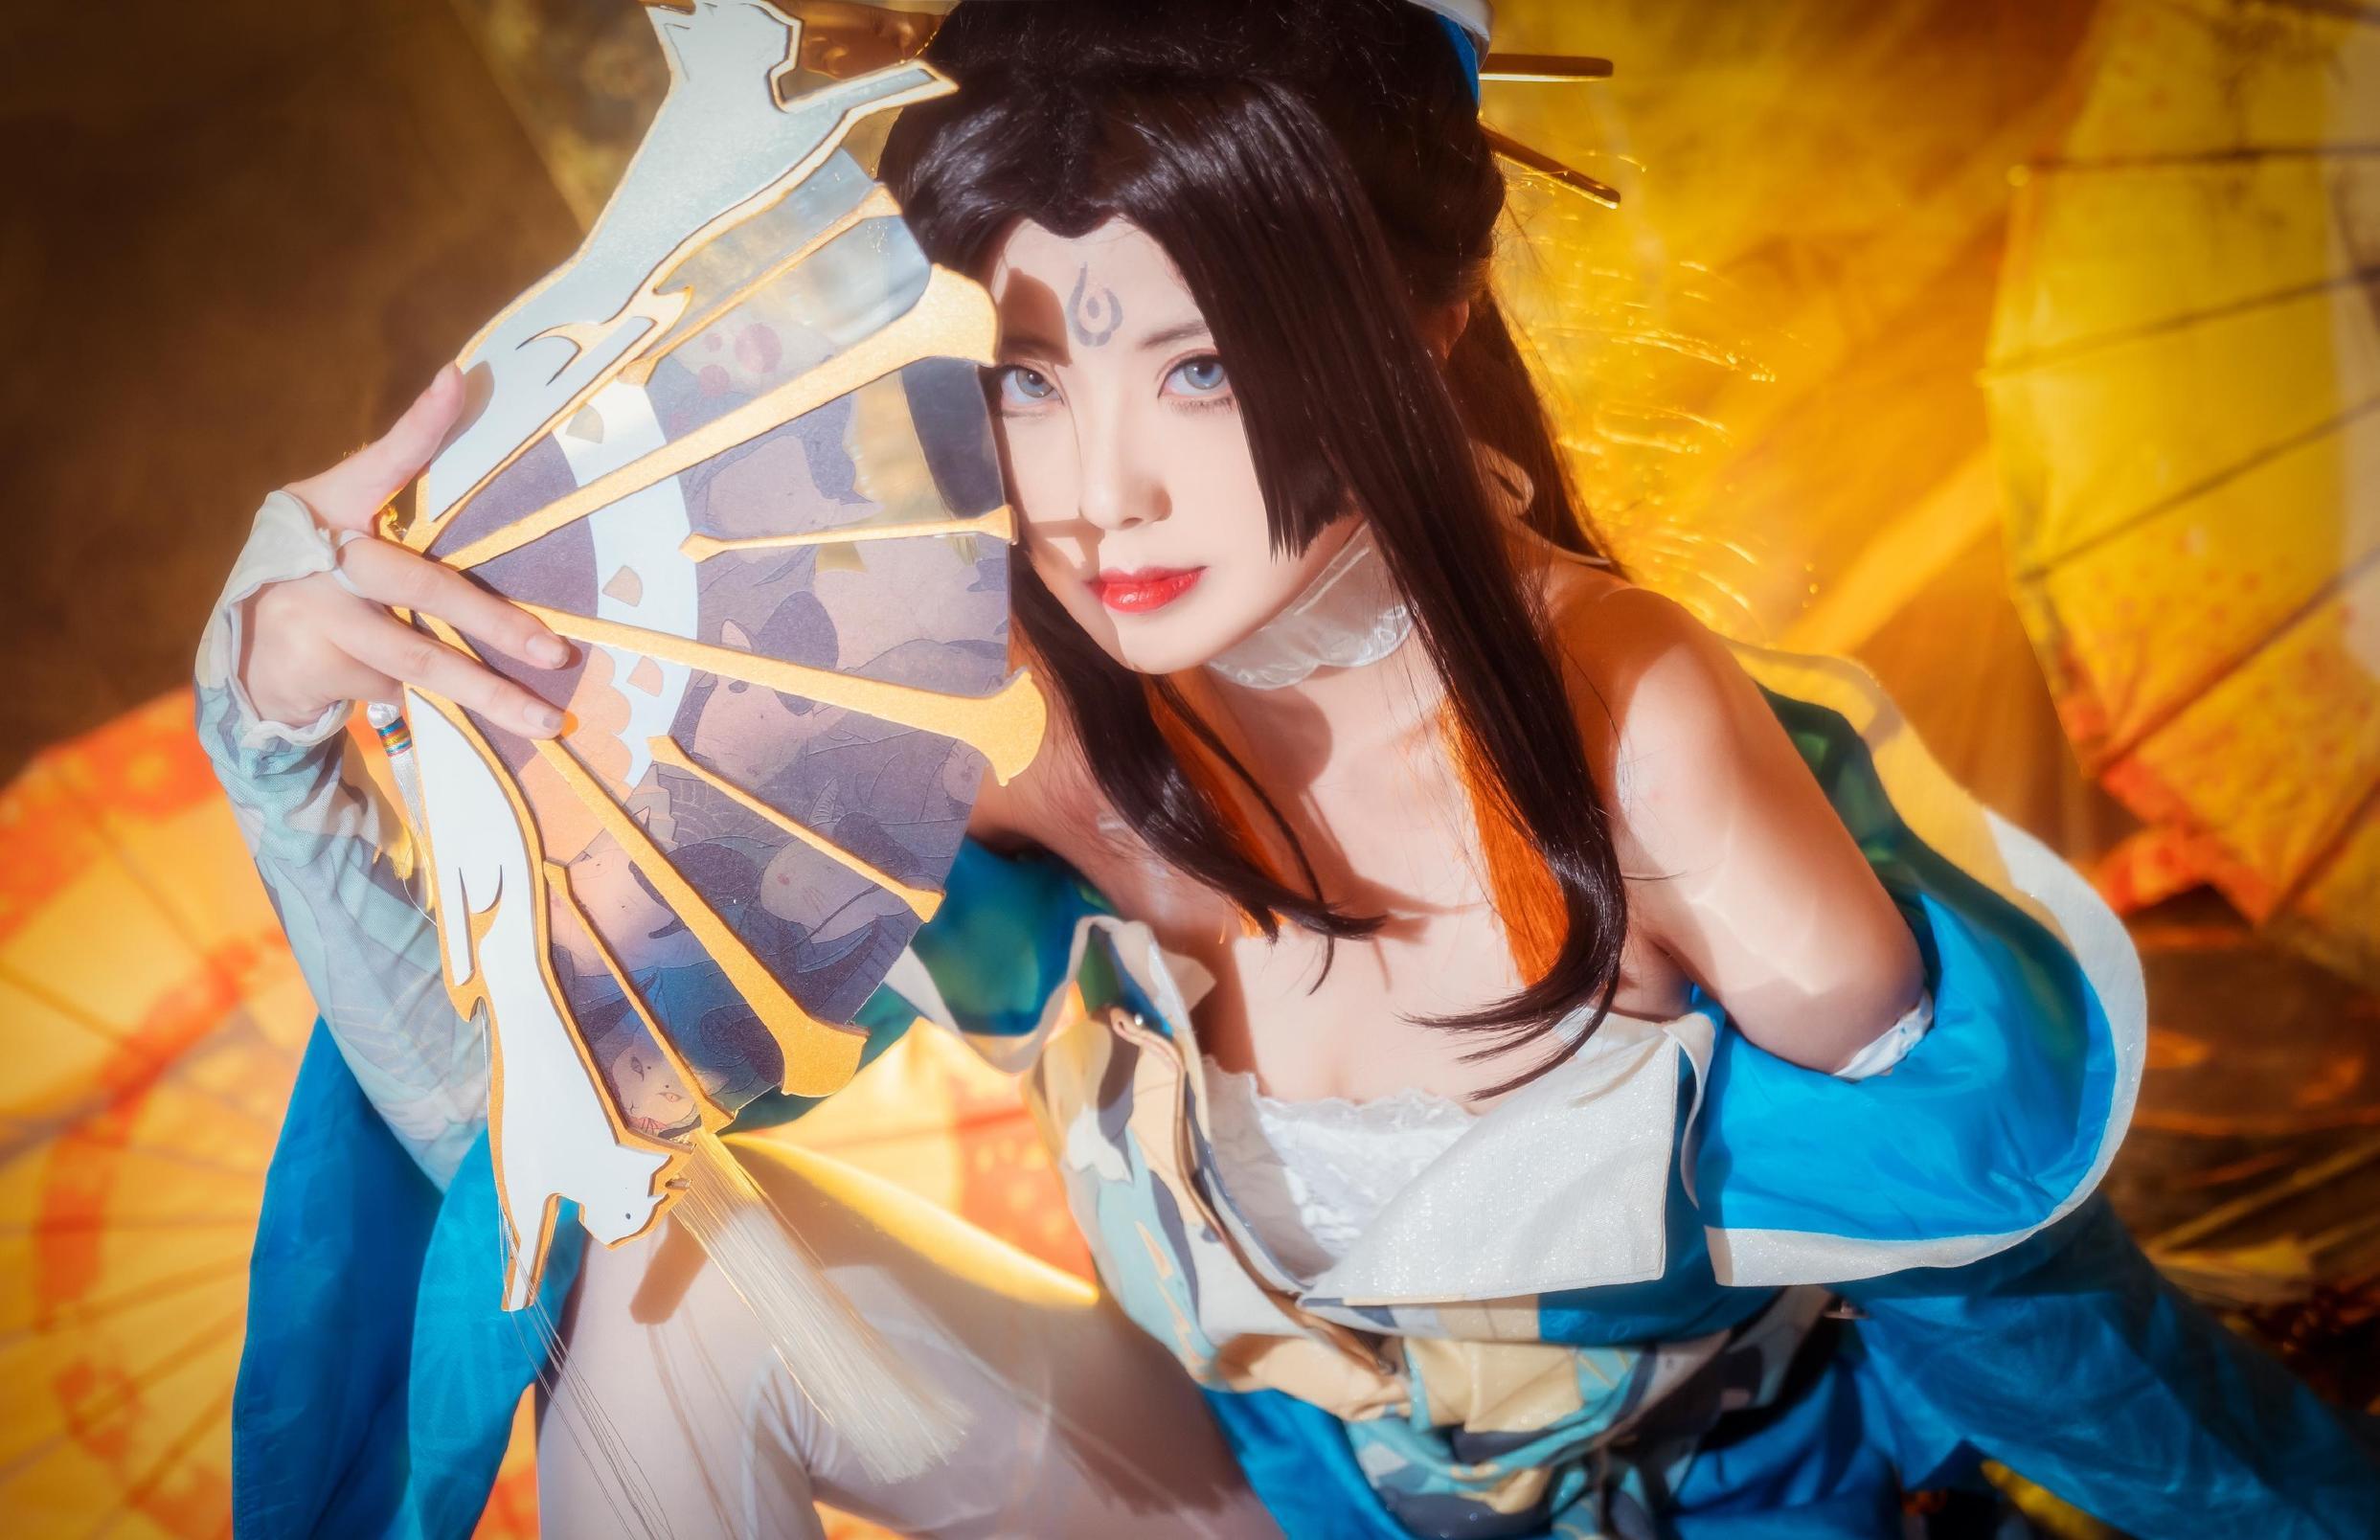 《王者荣耀》王者荣耀不知火舞cosplay【CN:nino家的橘子】 -英文cosplay女装图片插图